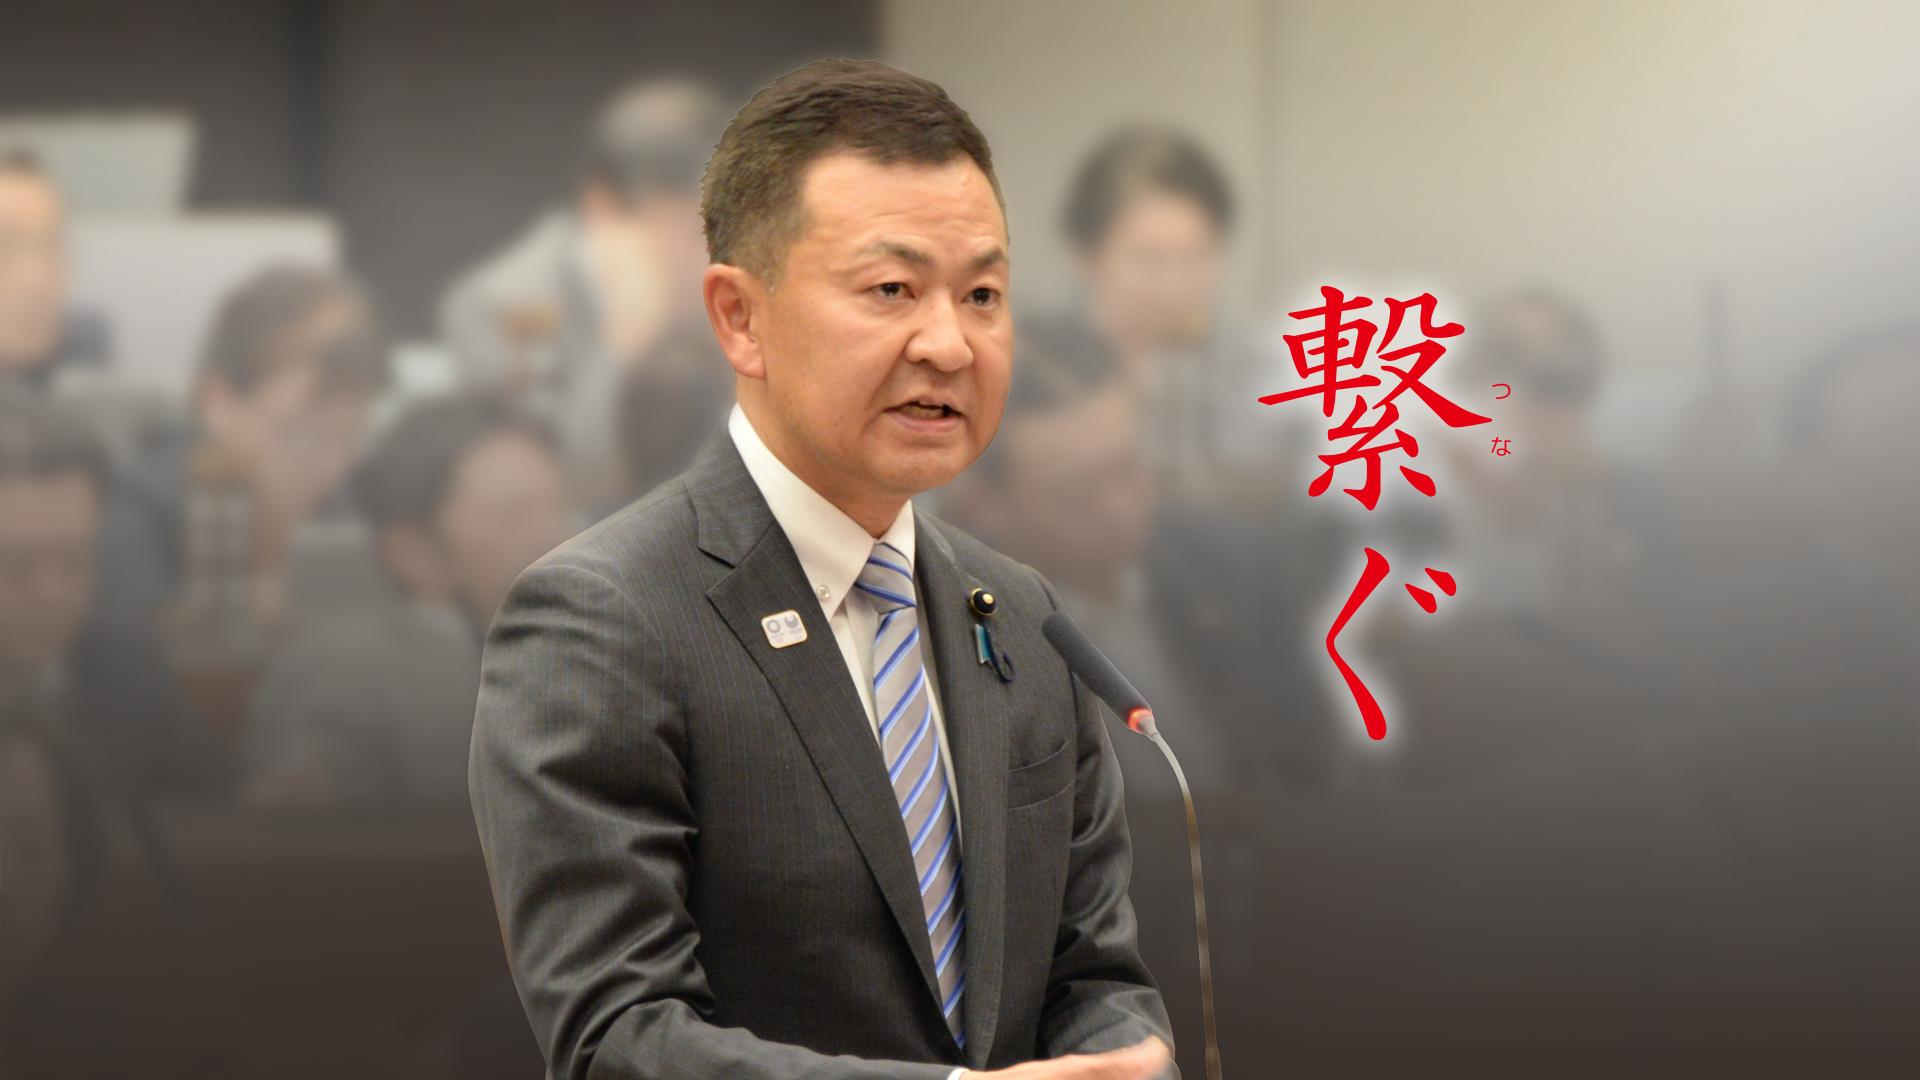 山本 哲 Official Site 神奈川県議会議員